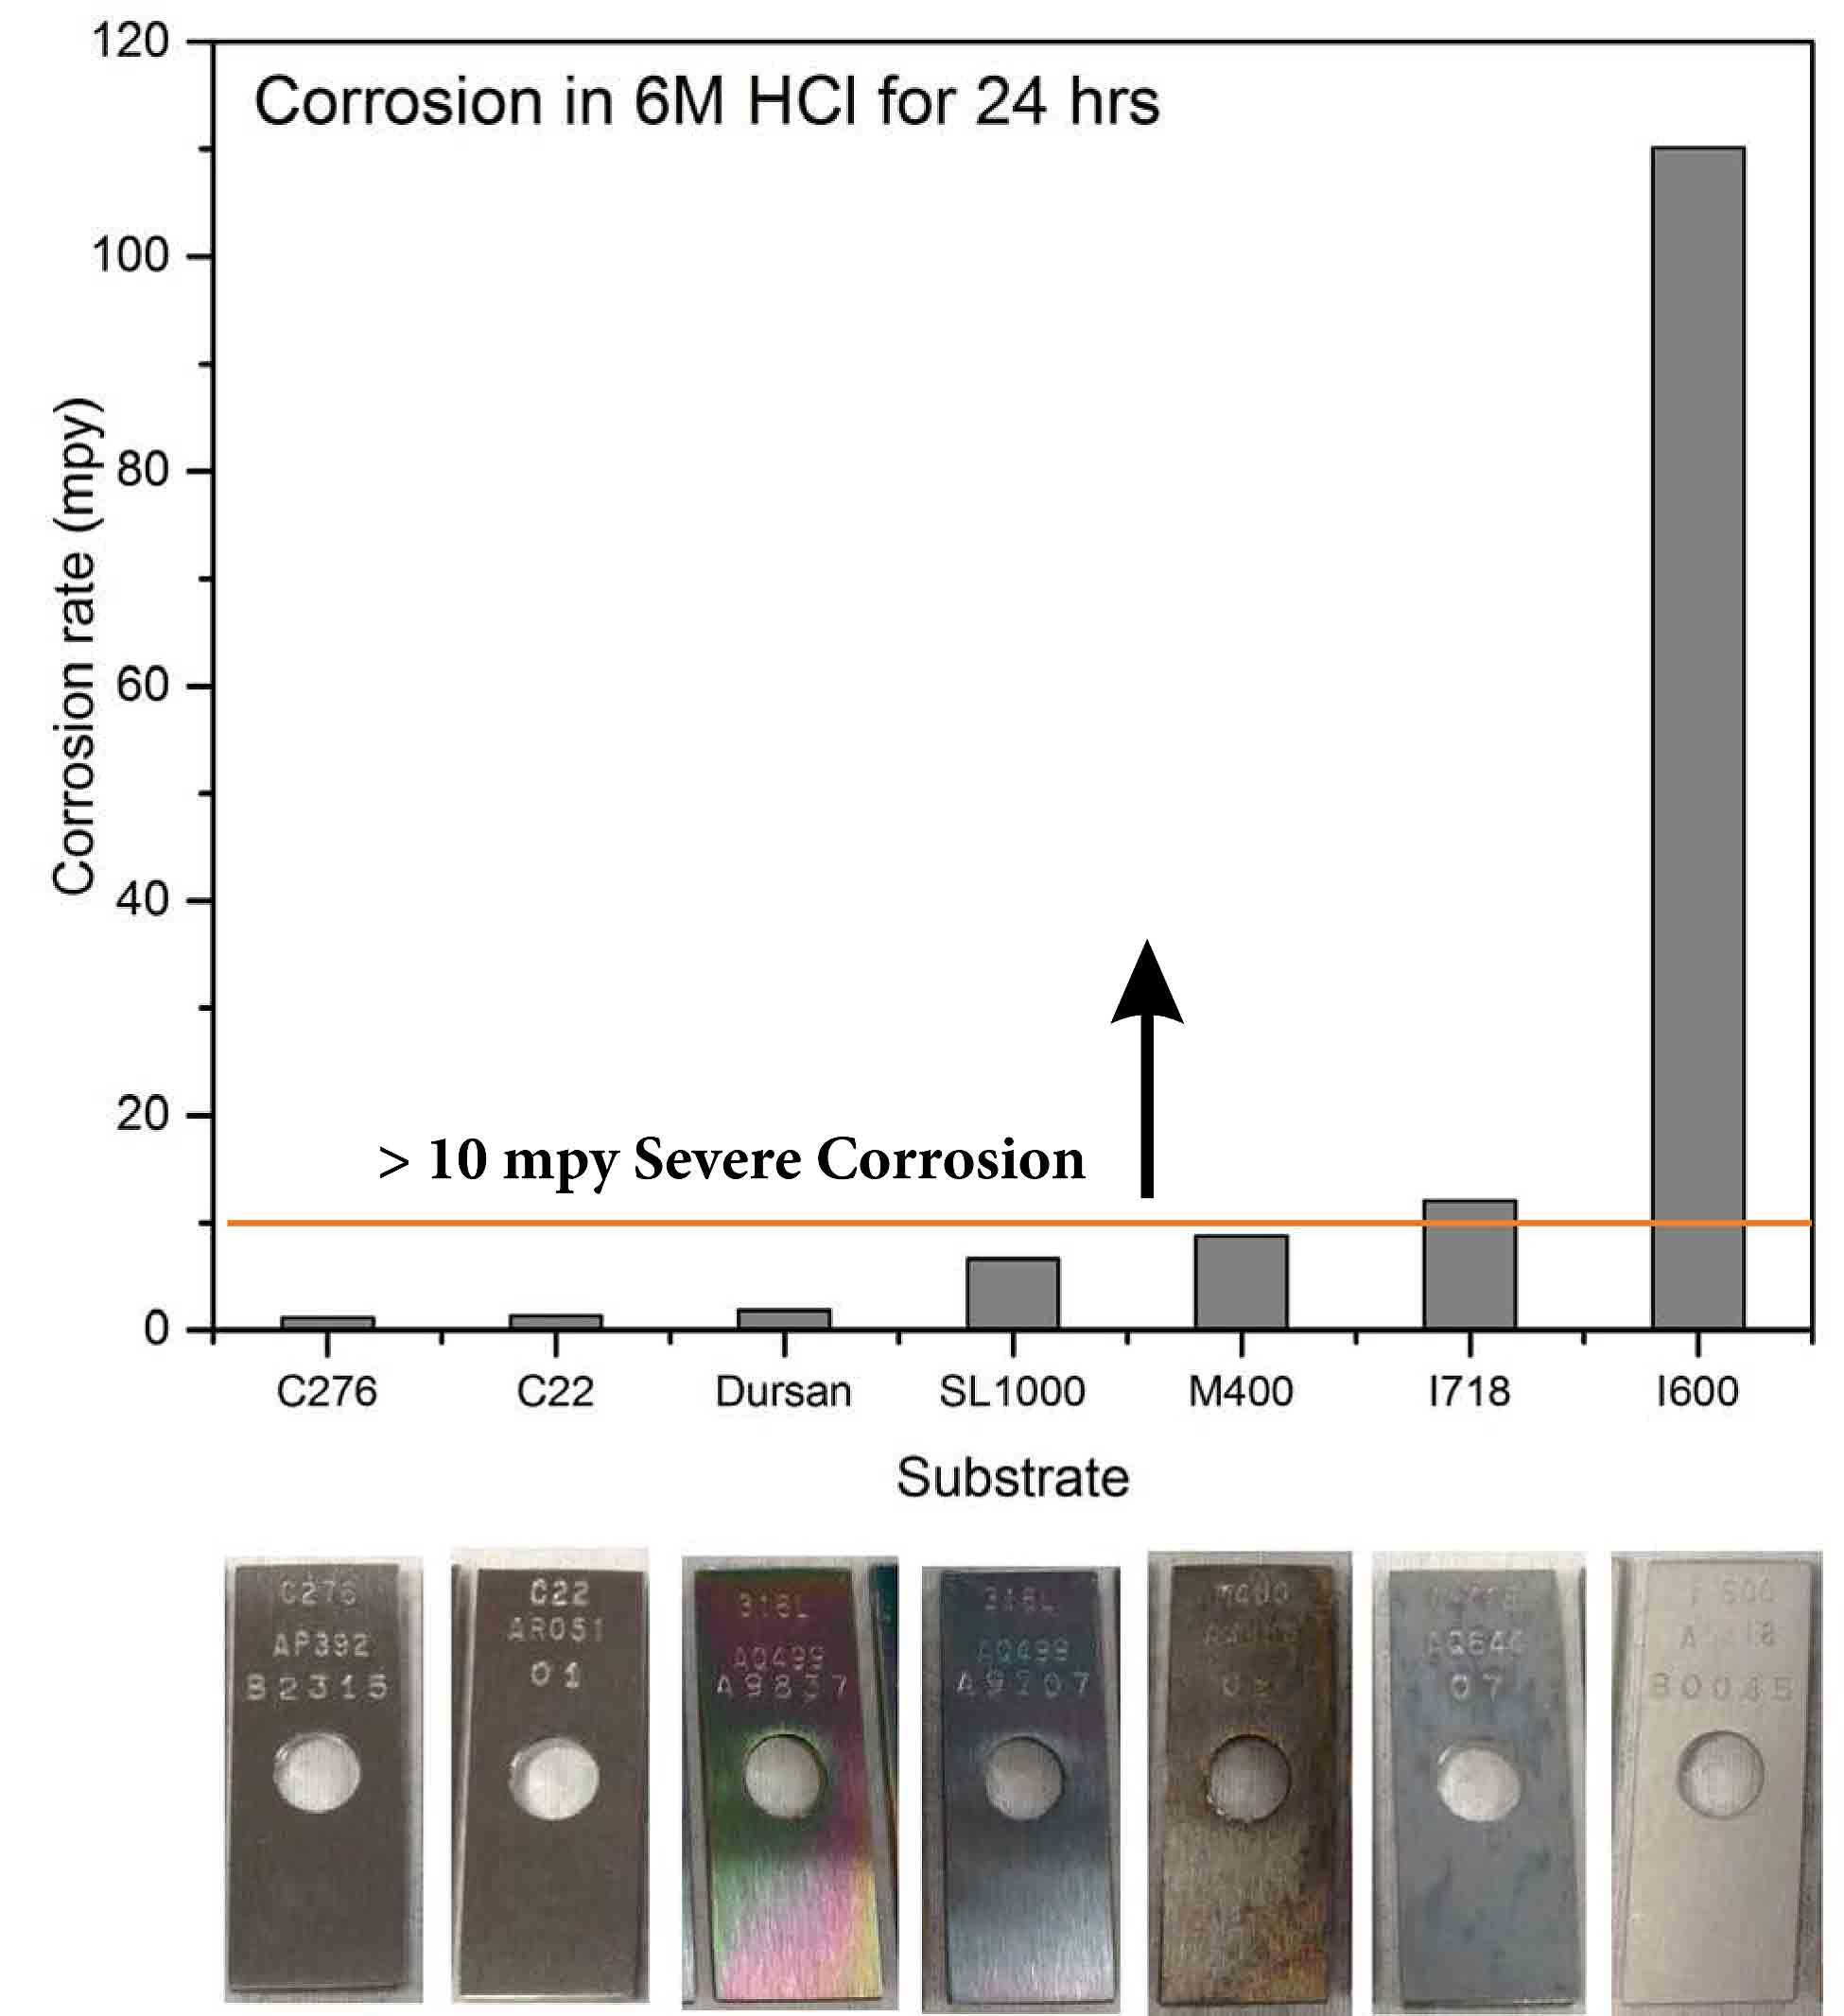 Alloy_HCL_Corrosion_Comparison_2_10_26_15.jpg